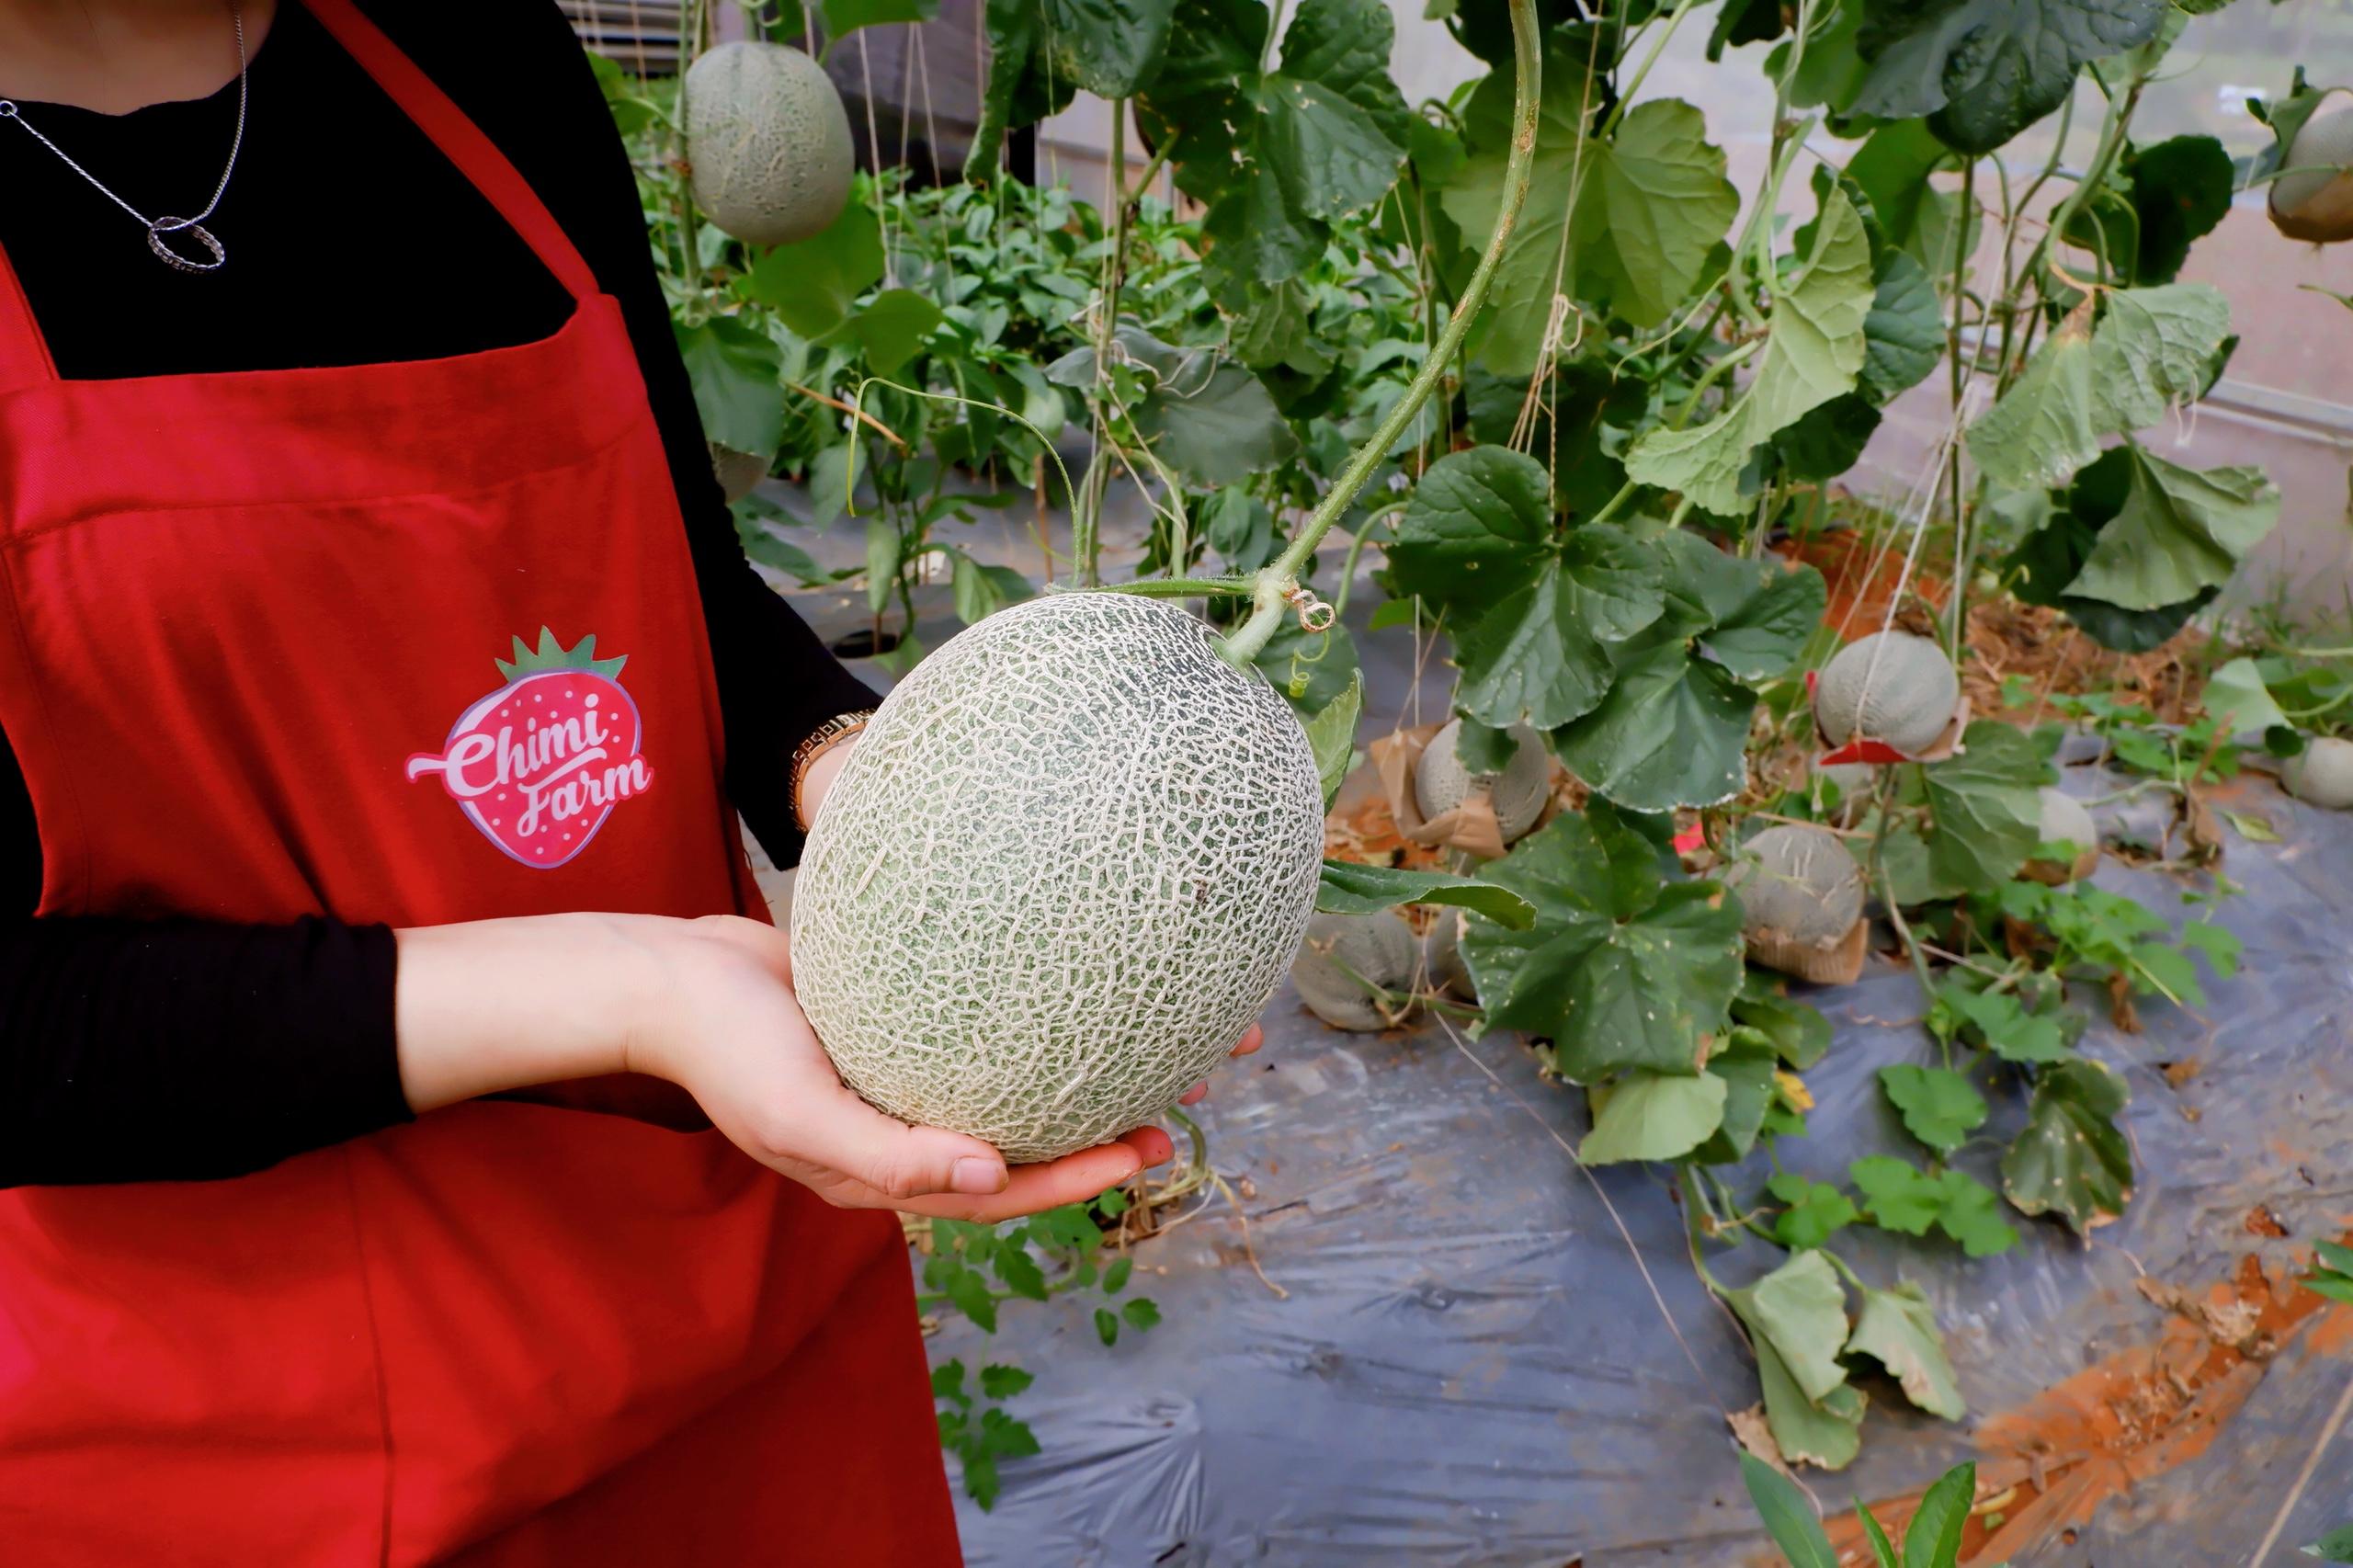 Tháng 10 Chimi Farm có dưa lưới Nhật Bản Nagami